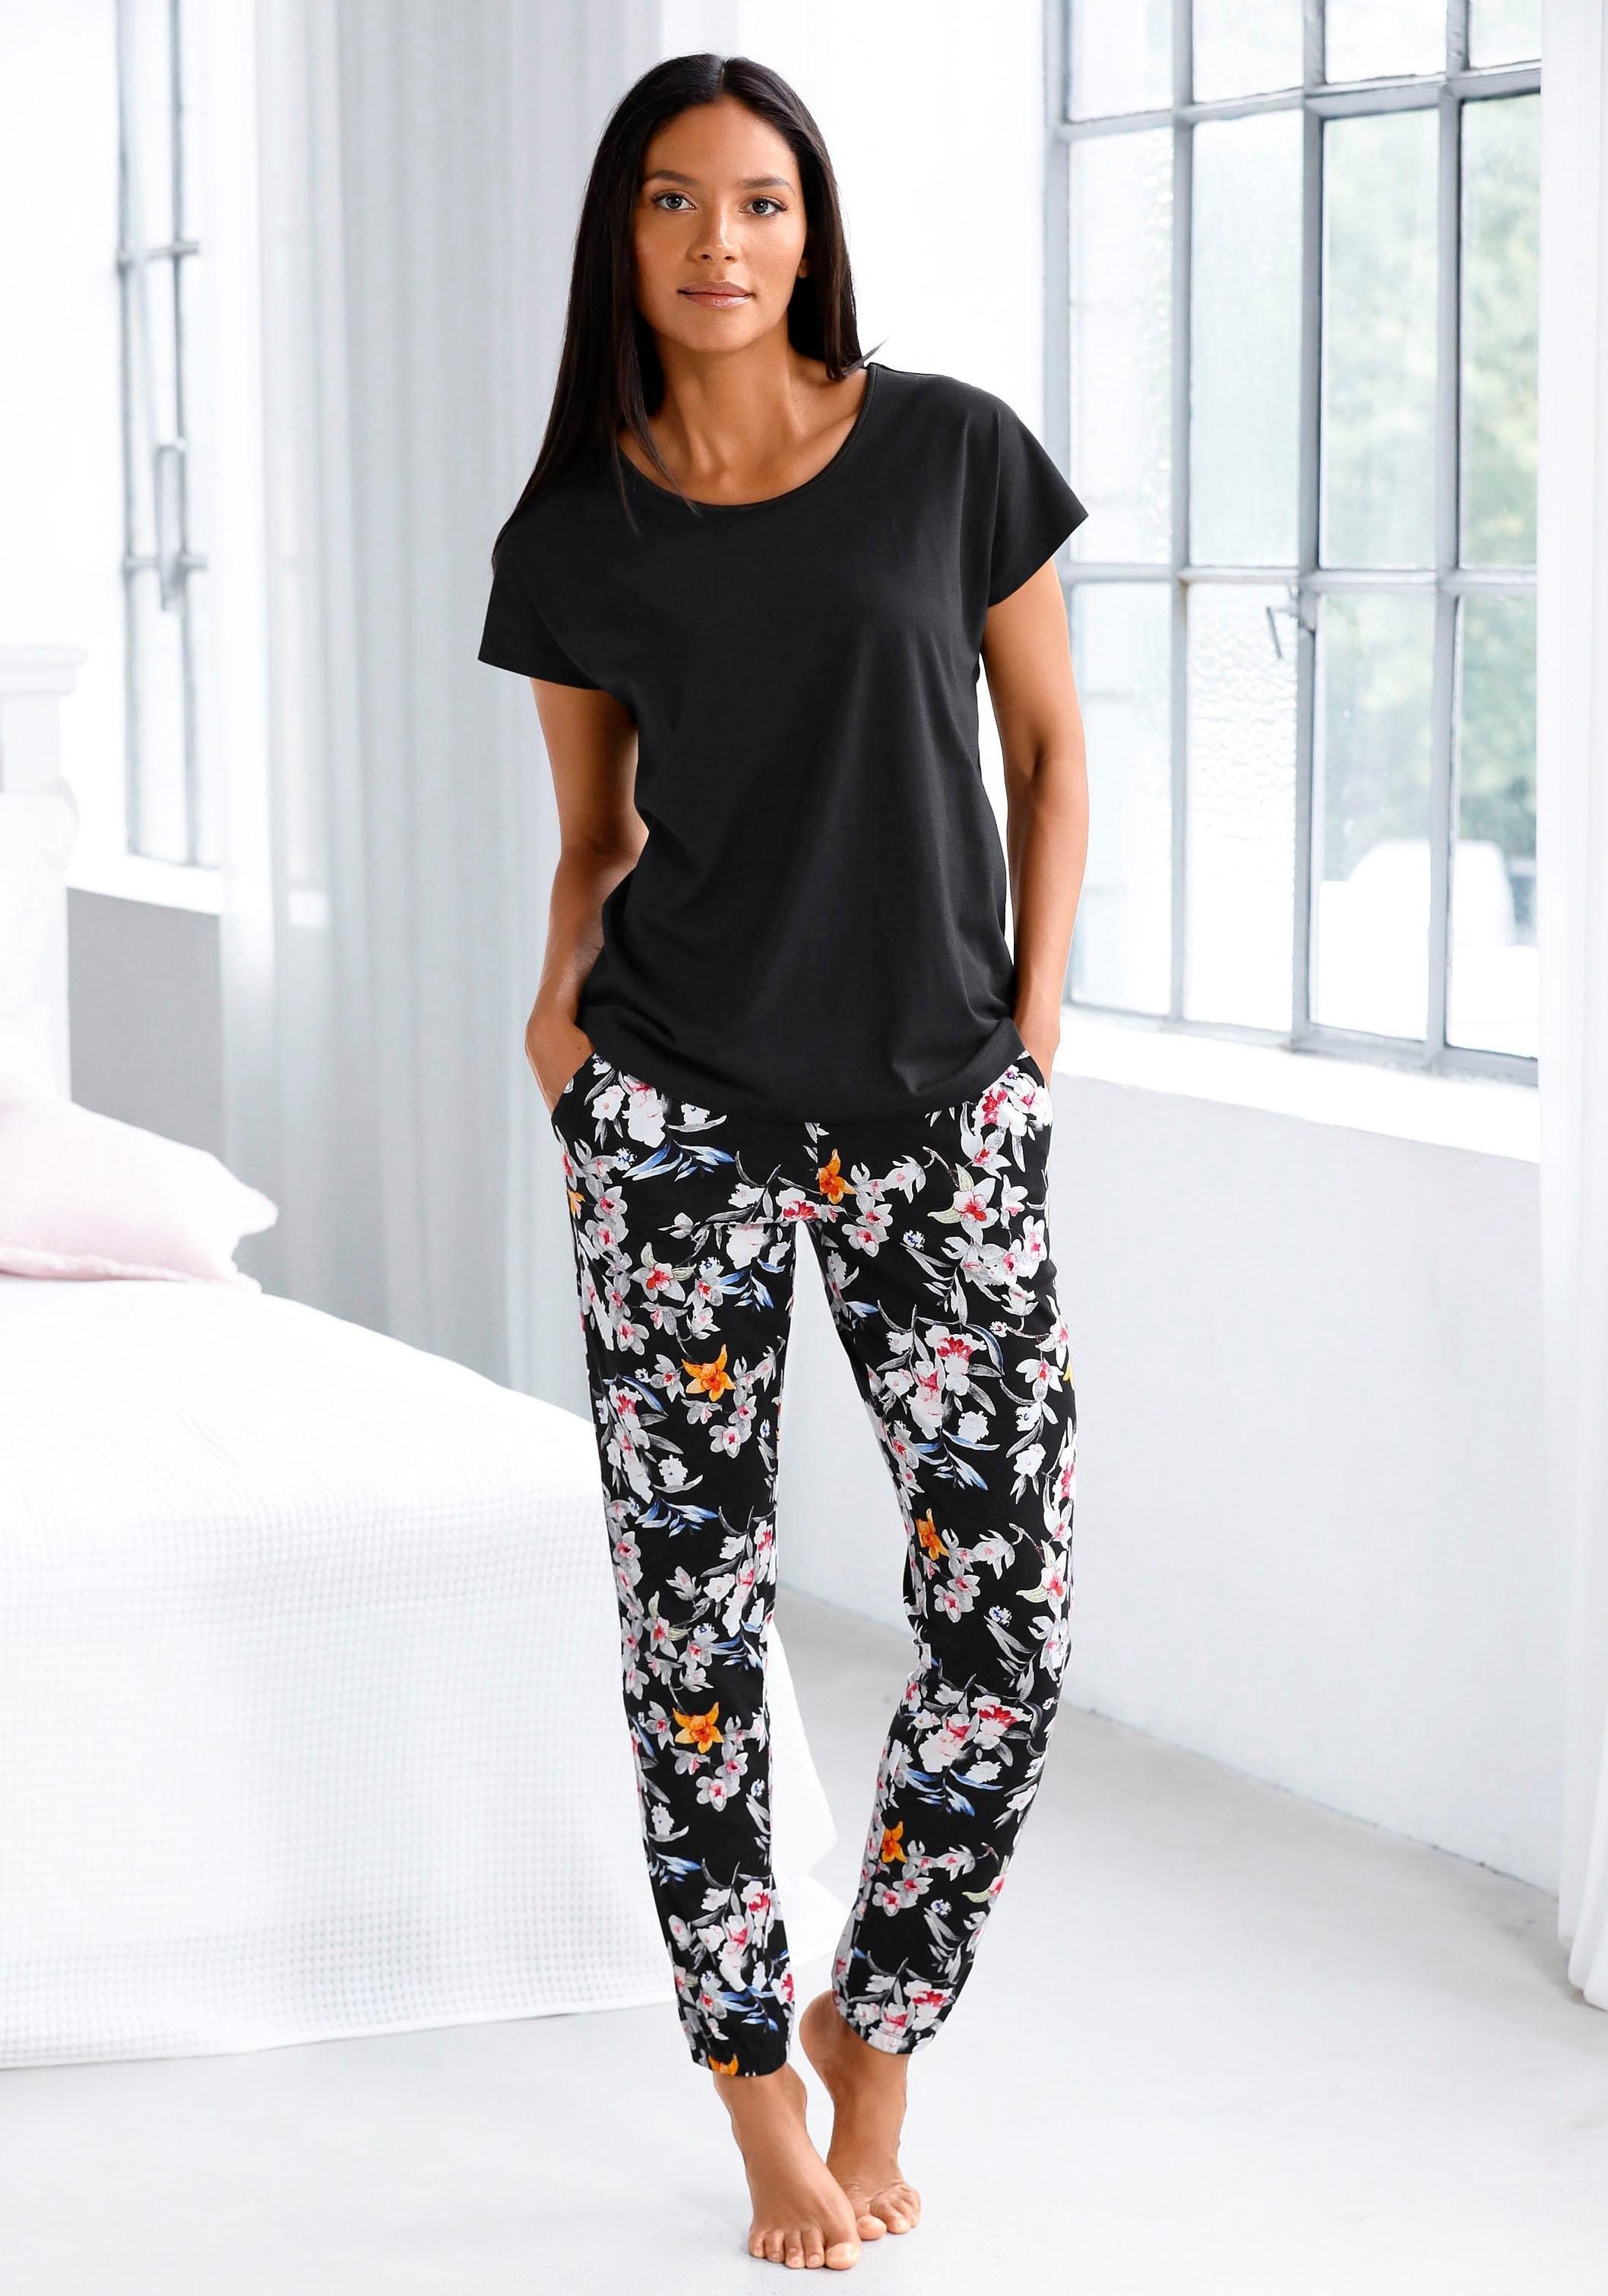 Op zoek naar een s.Oliver RED LABEL RED LABEL Bodywear pyjama? Koop online bij Lascana